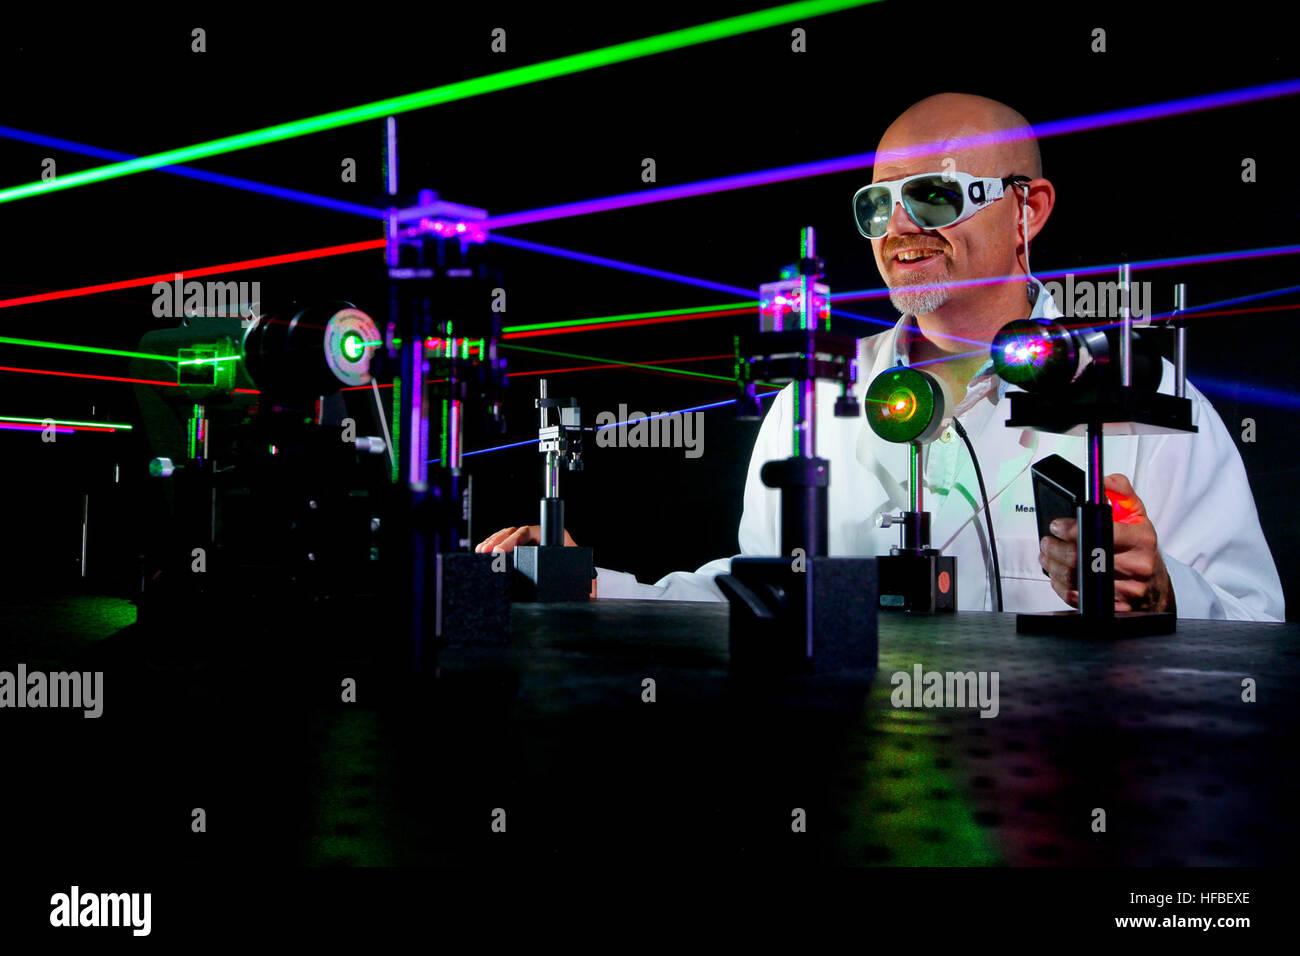 Laser Entfernungsmesser Wasseroberfläche : Mikrowellenkomponenten stockfotos & bilder